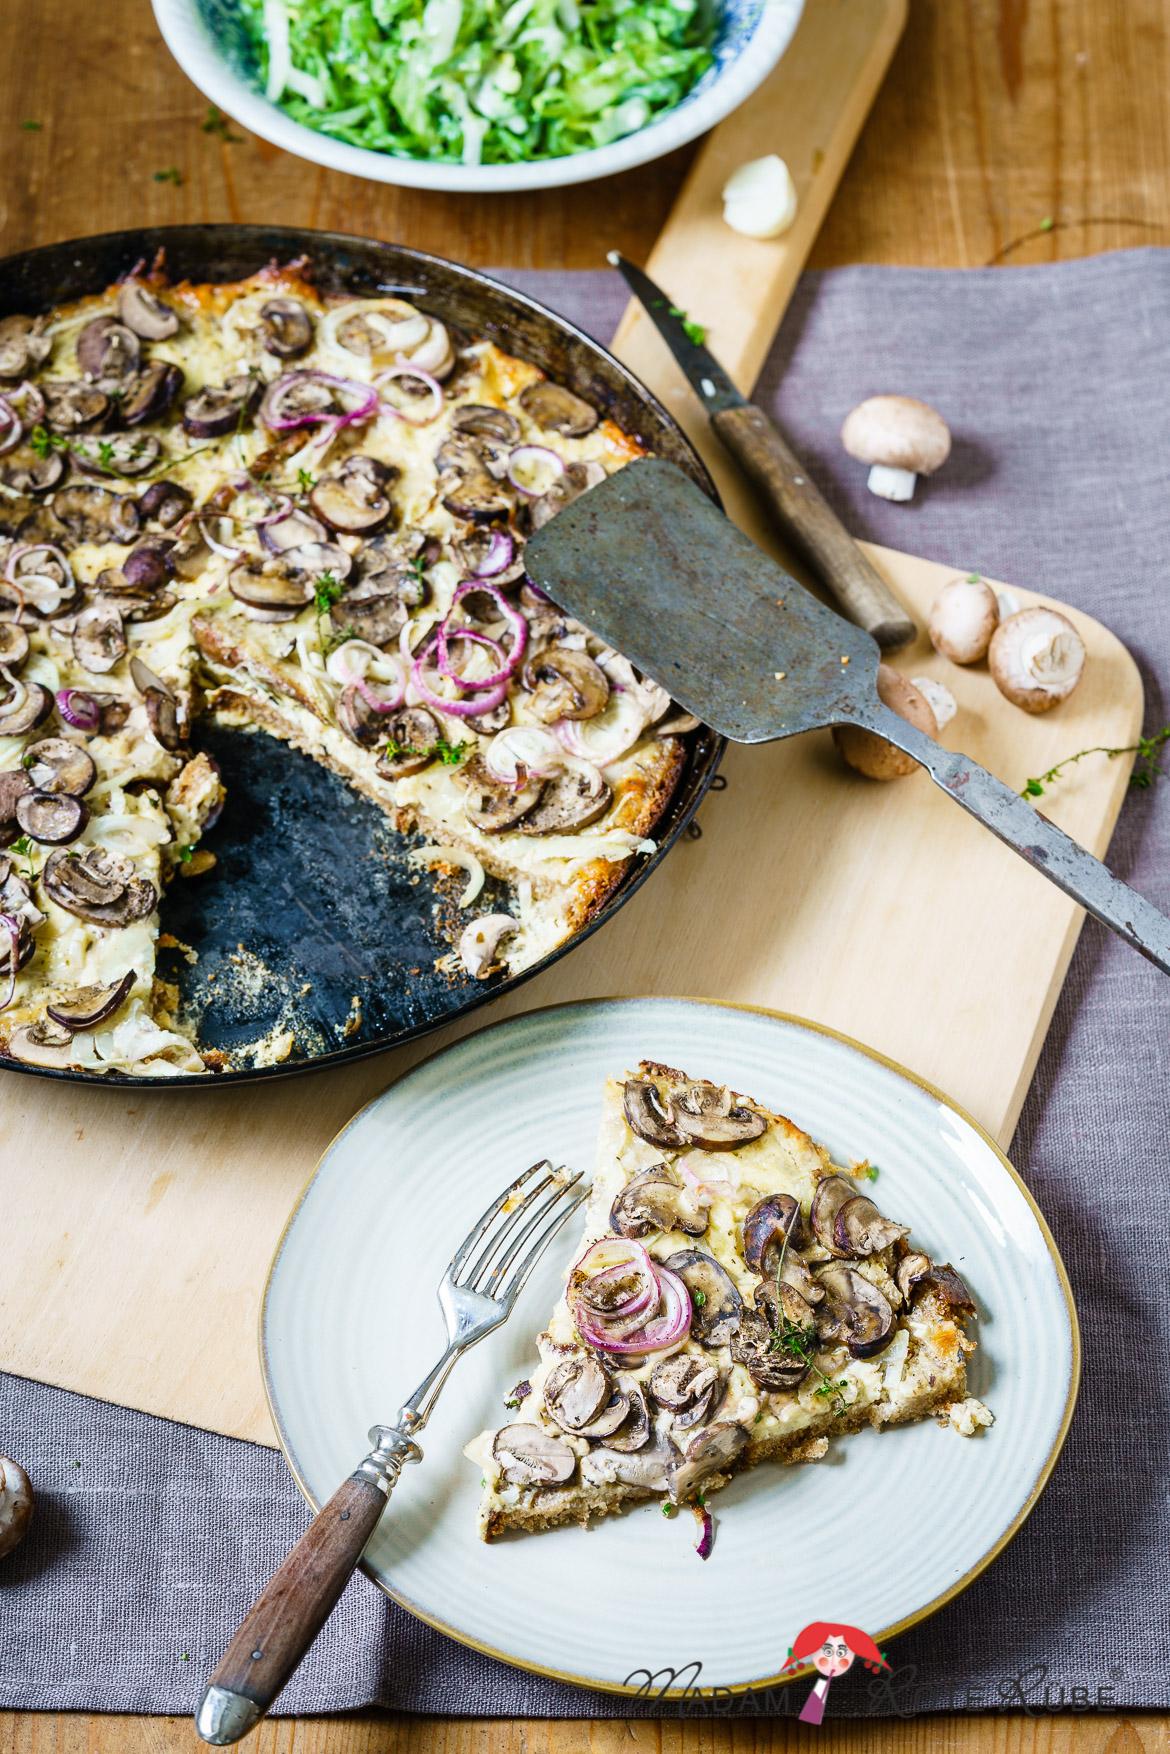 Madam Rote Rübe - Champignon-Quiche mit altbackenem Brot